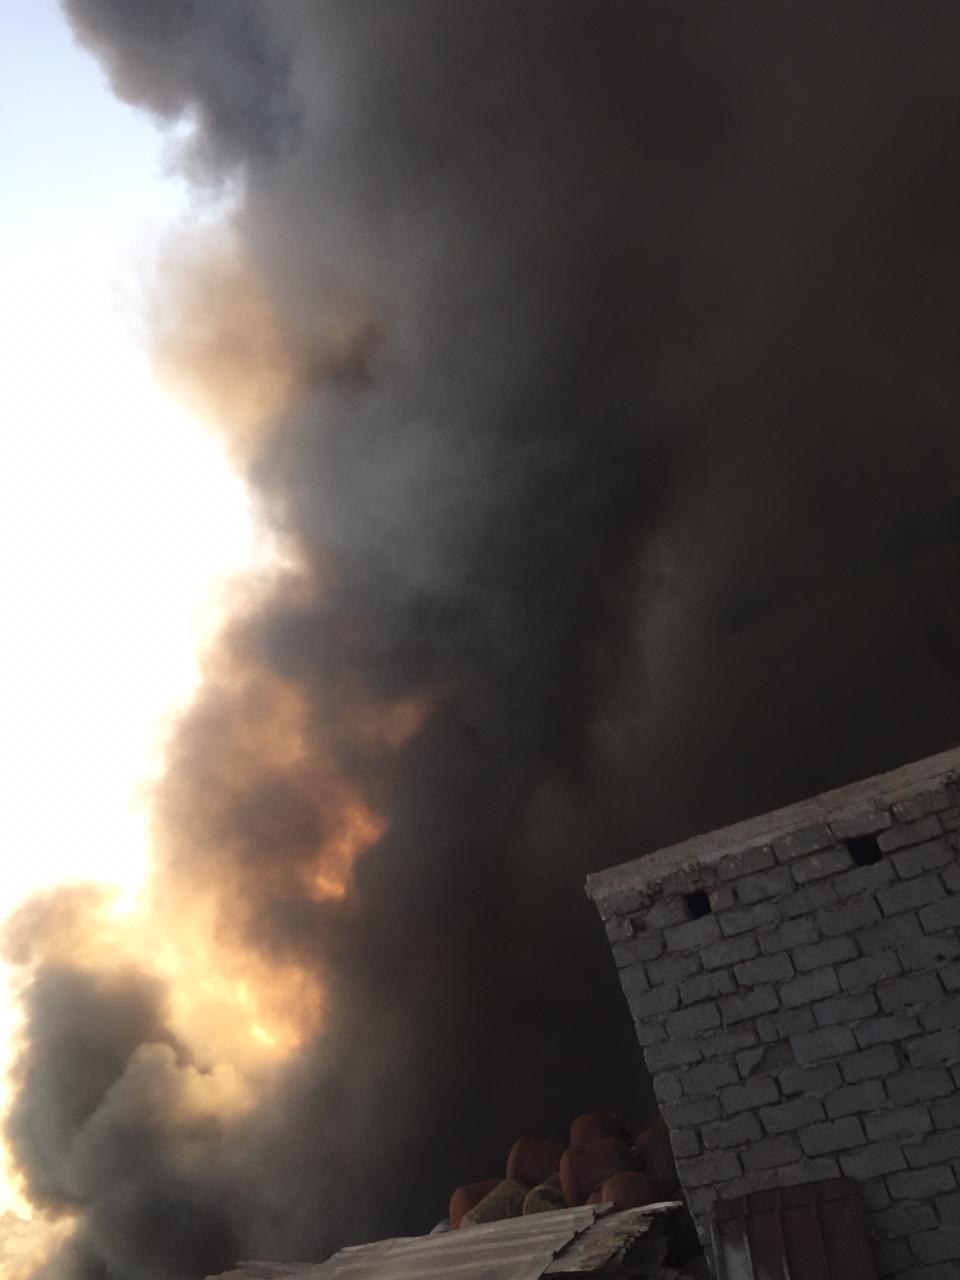 حريق هائل بشونة خردة بطريق  زفتي - طنطا  في الغربية  (2)